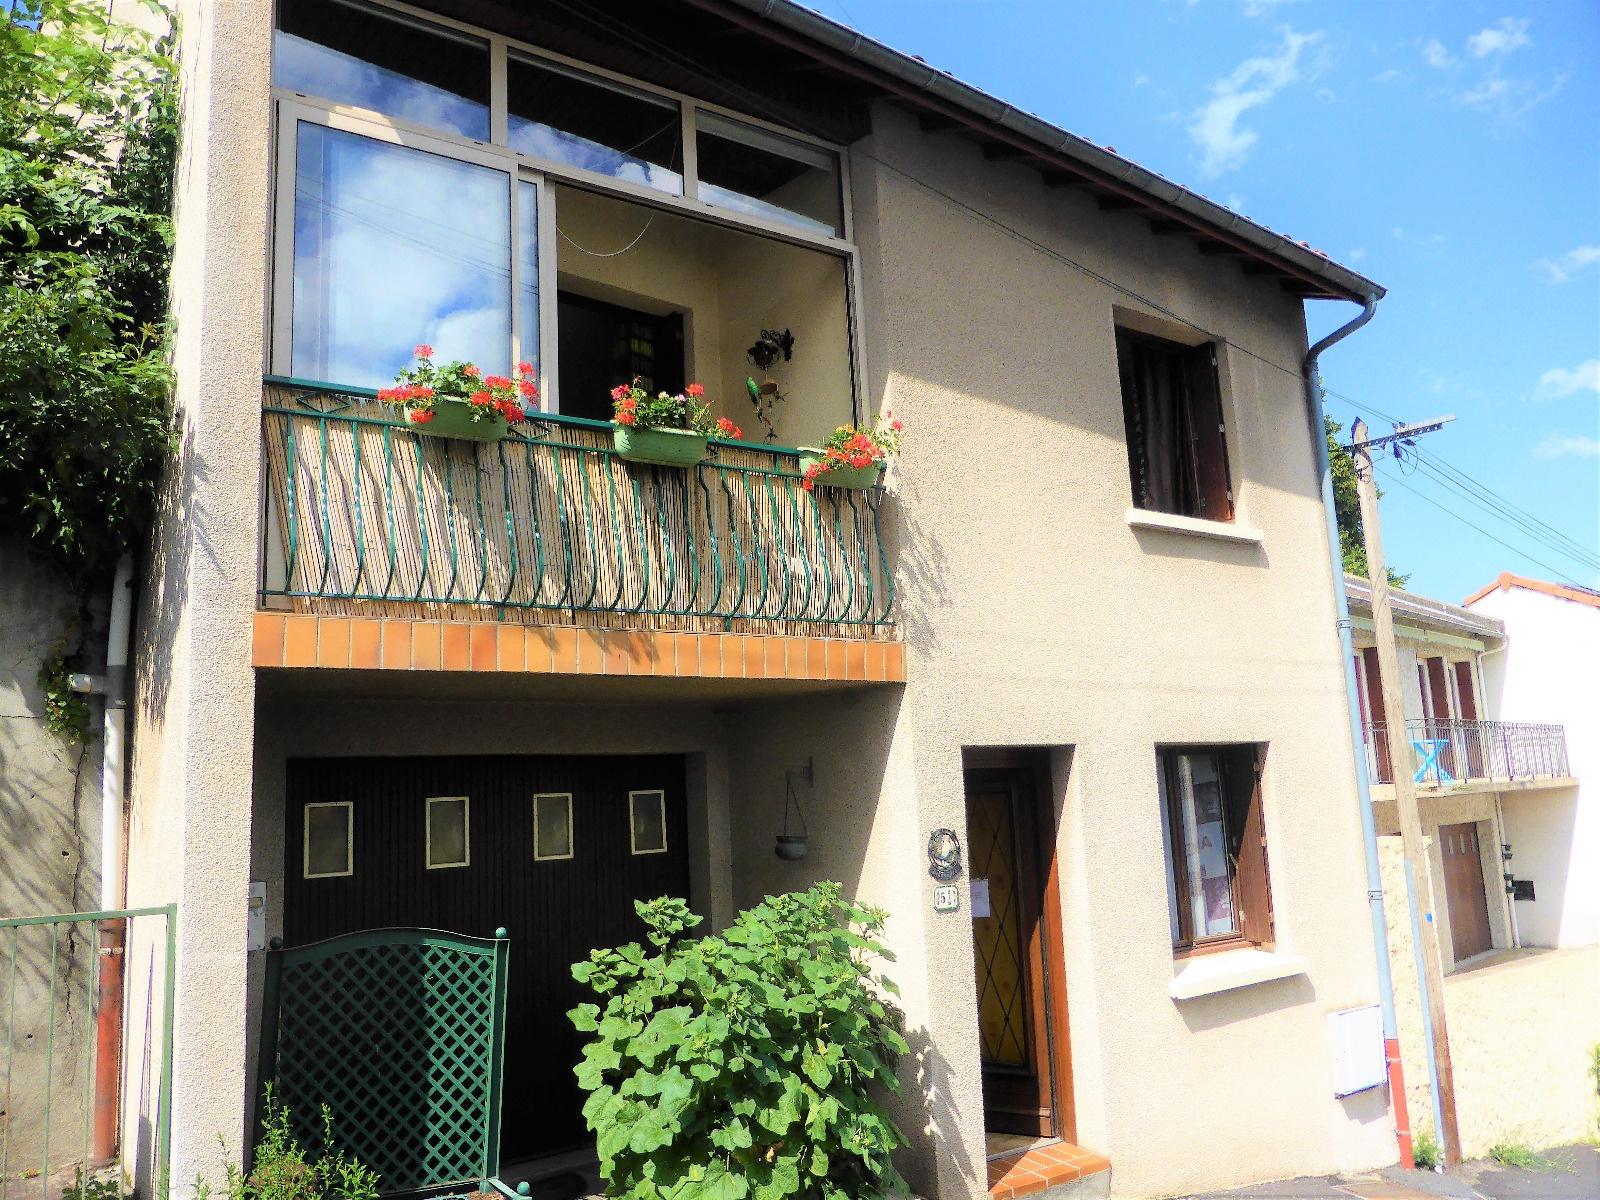 Aet immobilier clermont ferrand et environs de clermont - Chambres d hotes clermont ferrand et environs ...